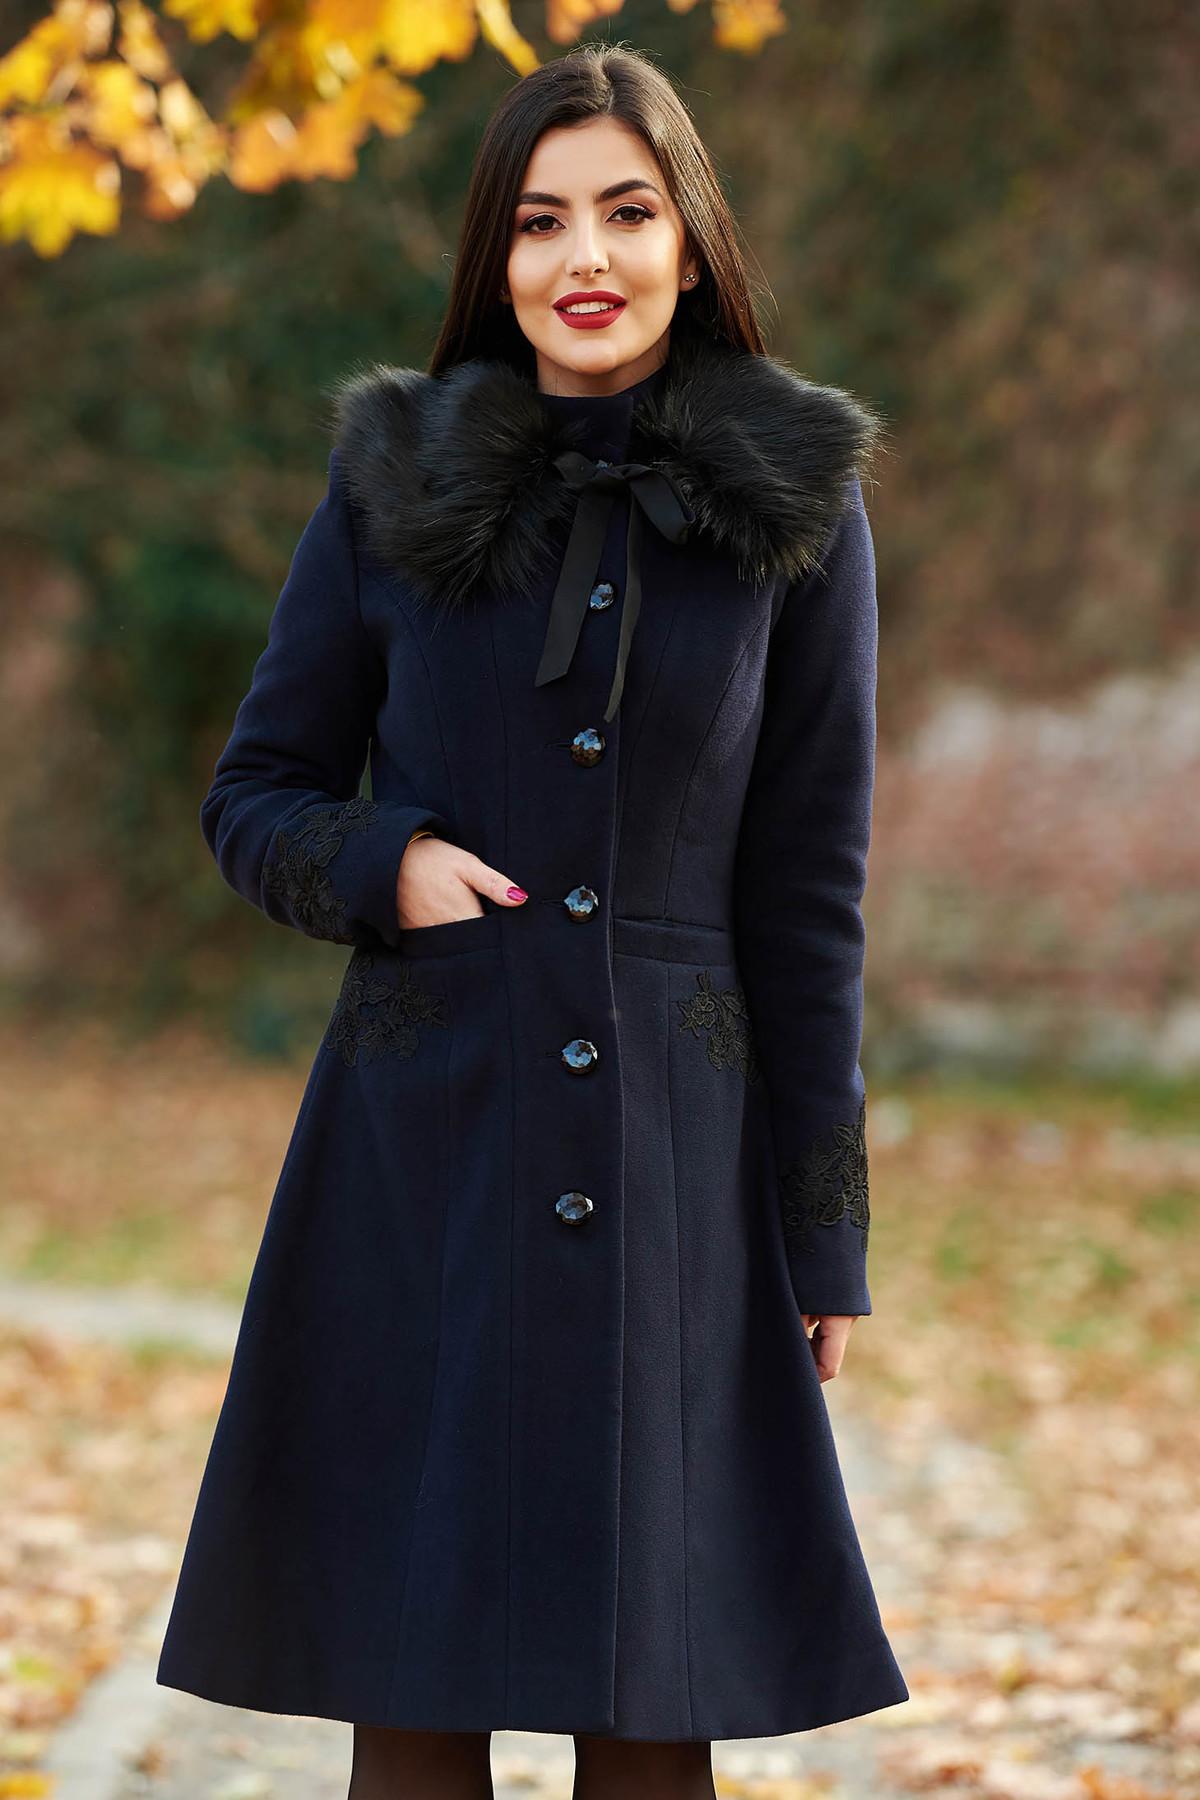 Palton LaDonna albastru-inchis Best Impulse elegant din lana cu insertii de broderie captusit pe interior cu buzunare